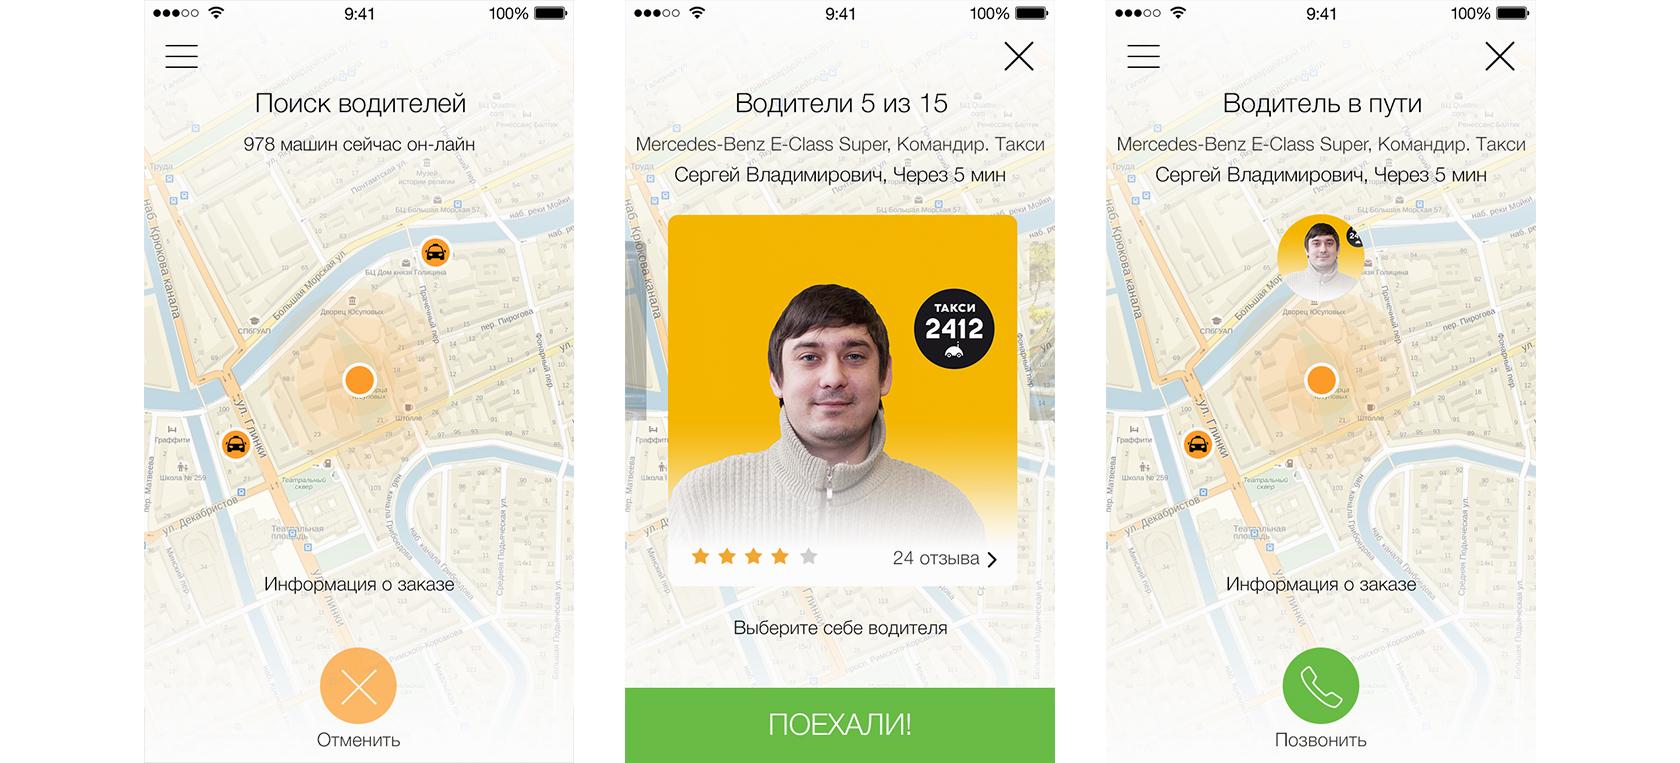 Приложение Такси 2412, выбор водителя